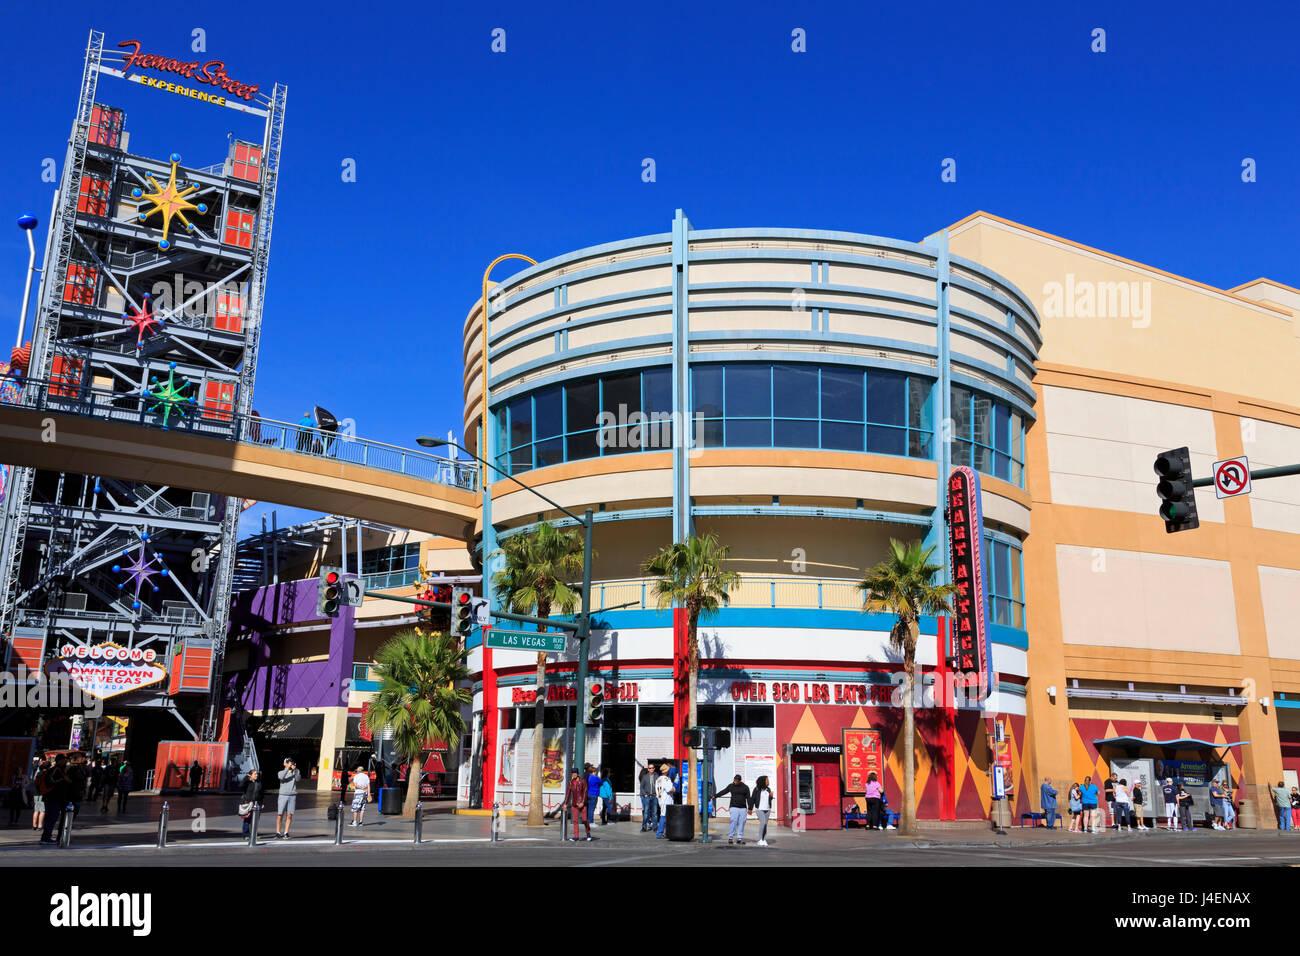 Fremont Street, Las Vegas, Nevada, Stati Uniti d'America, America del Nord Immagini Stock